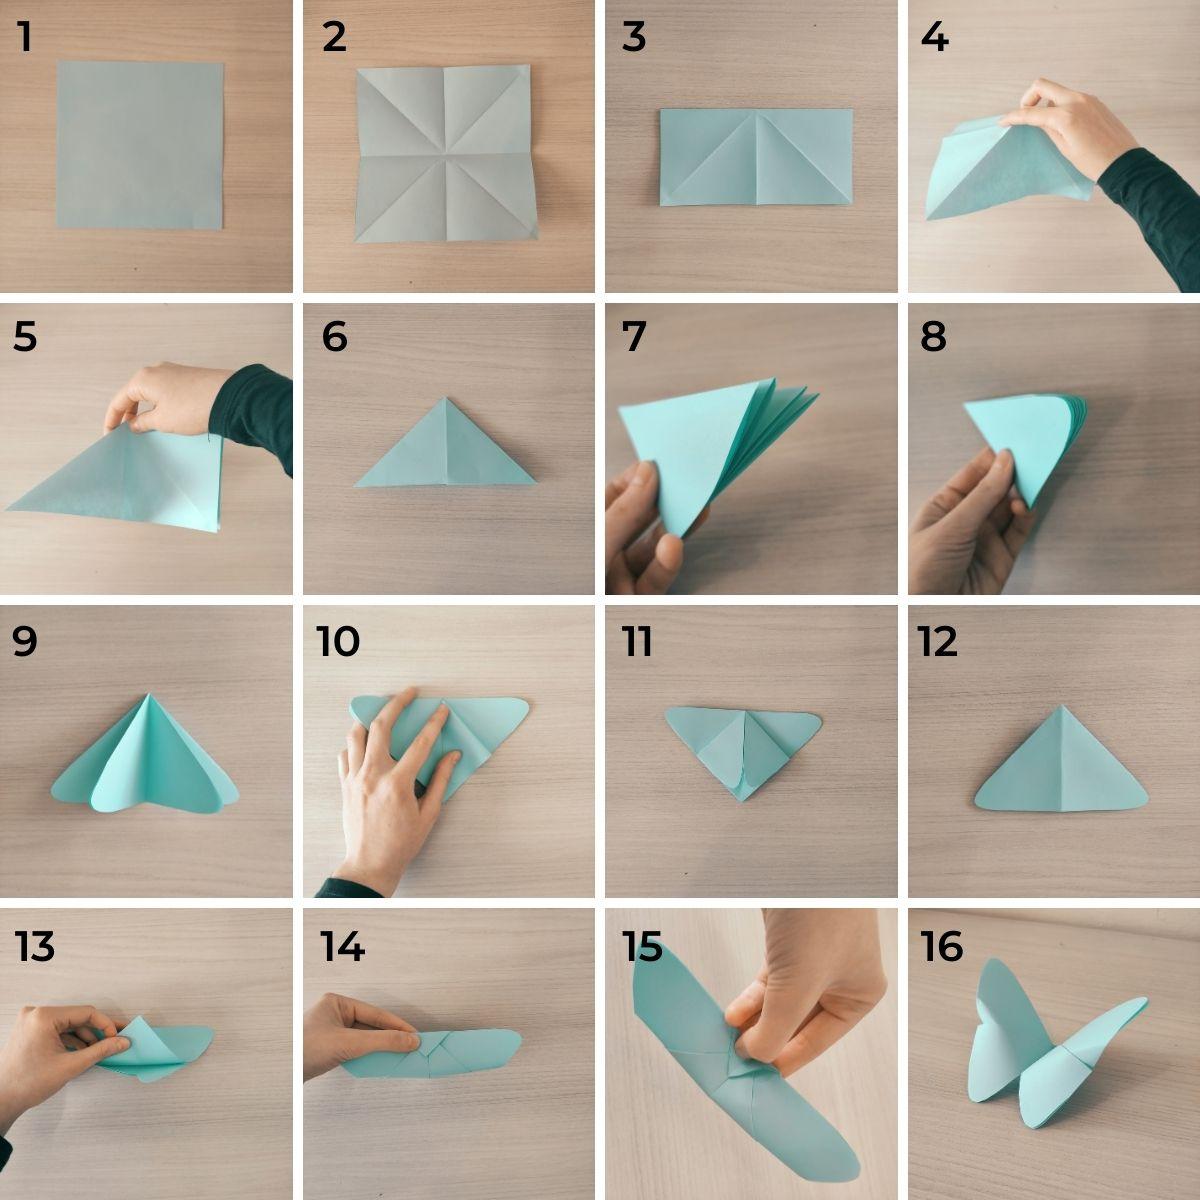 Farfalla origami per bambini - lavoretto facile da fare